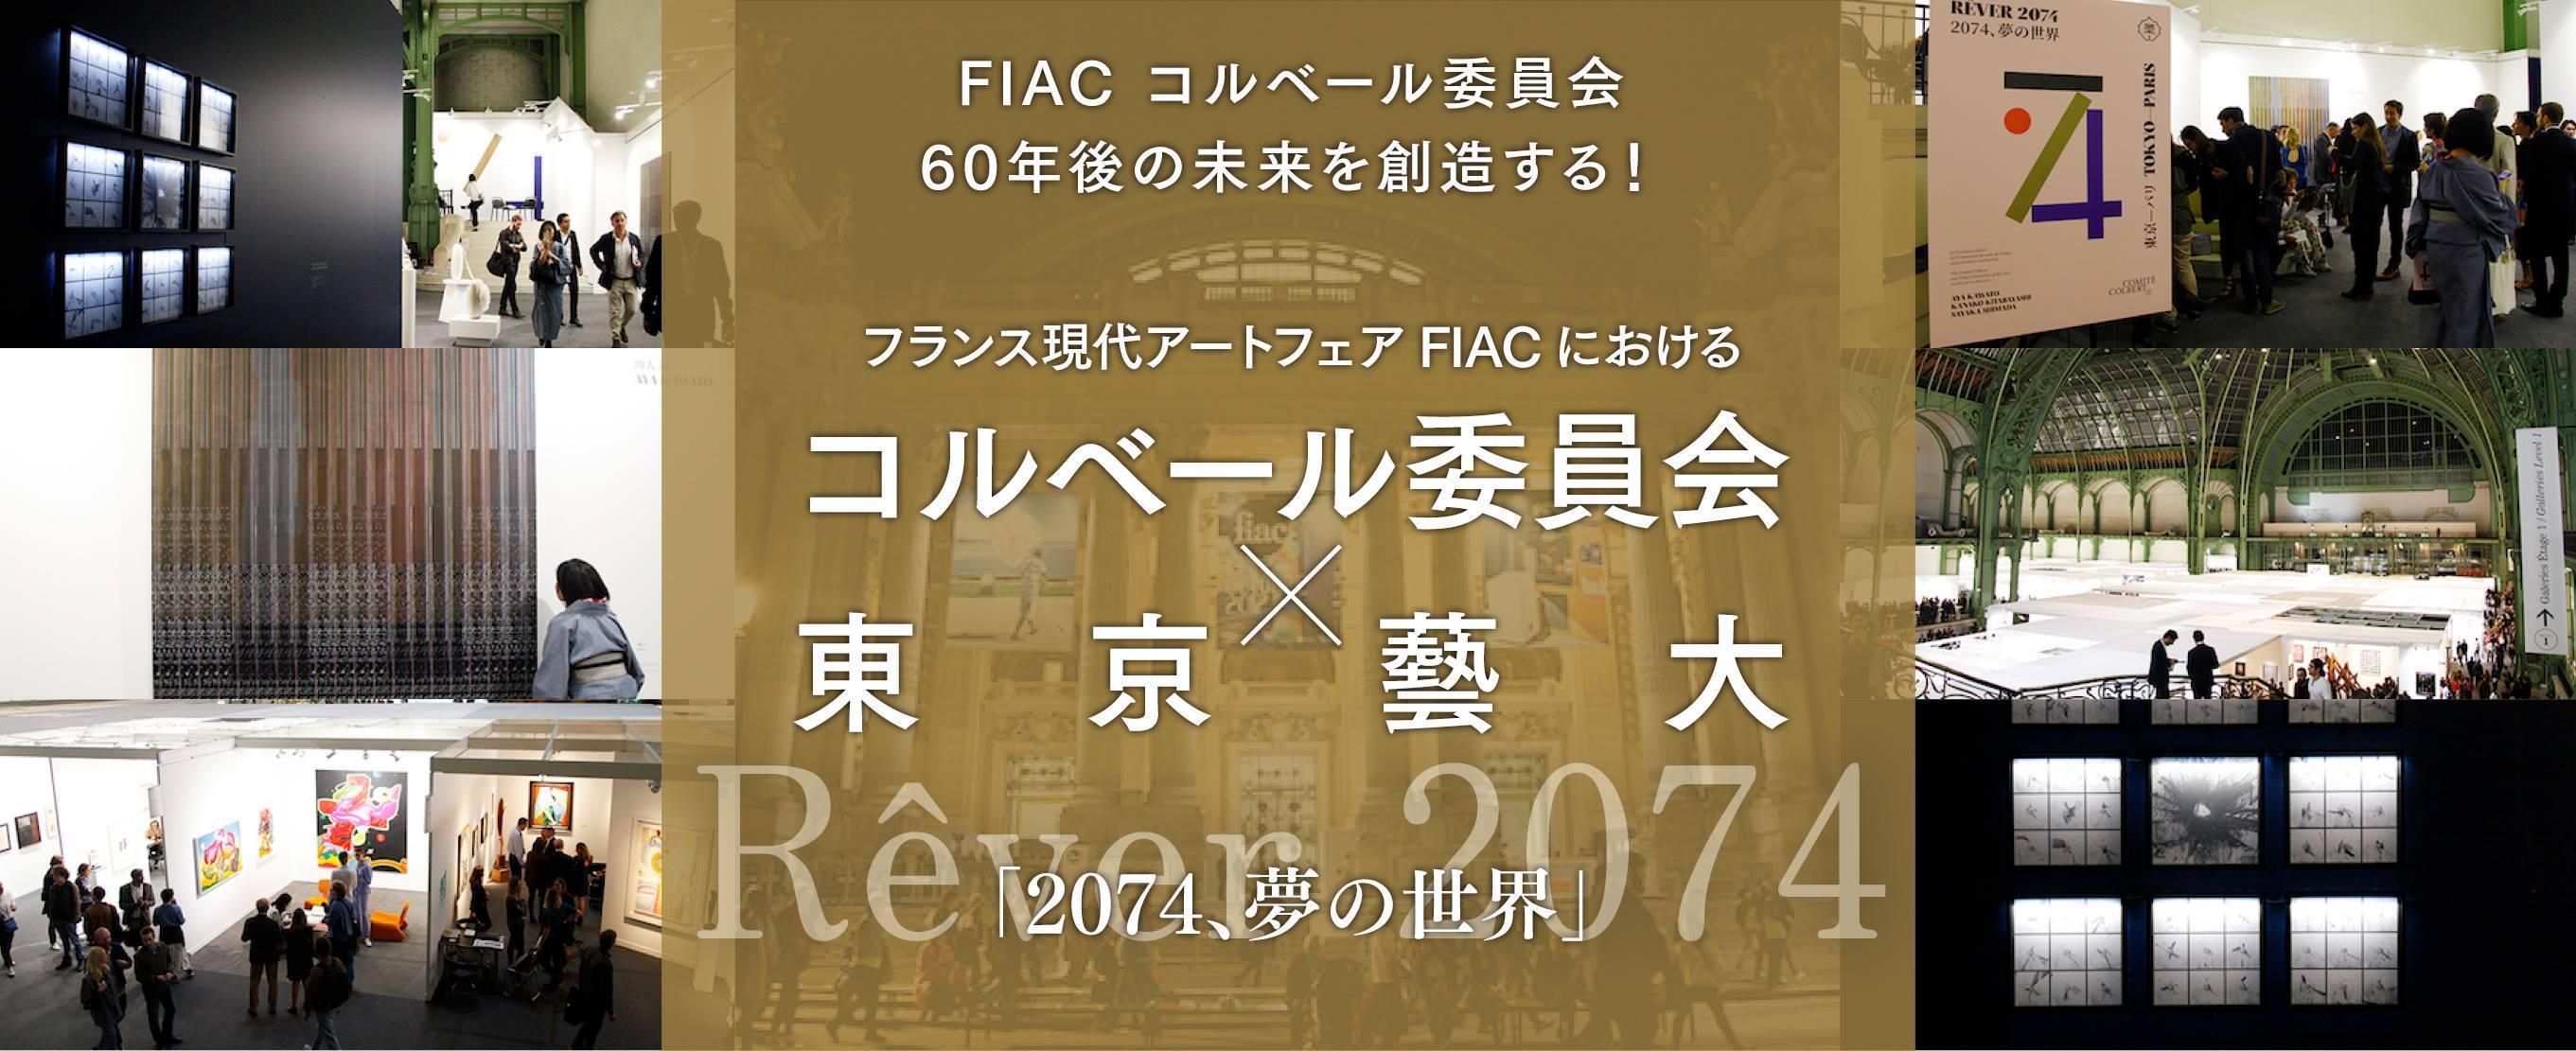 60年後の未来を創造する! フランス現代アートフェアFIACにおけるコルベール委員会×東京藝大『20